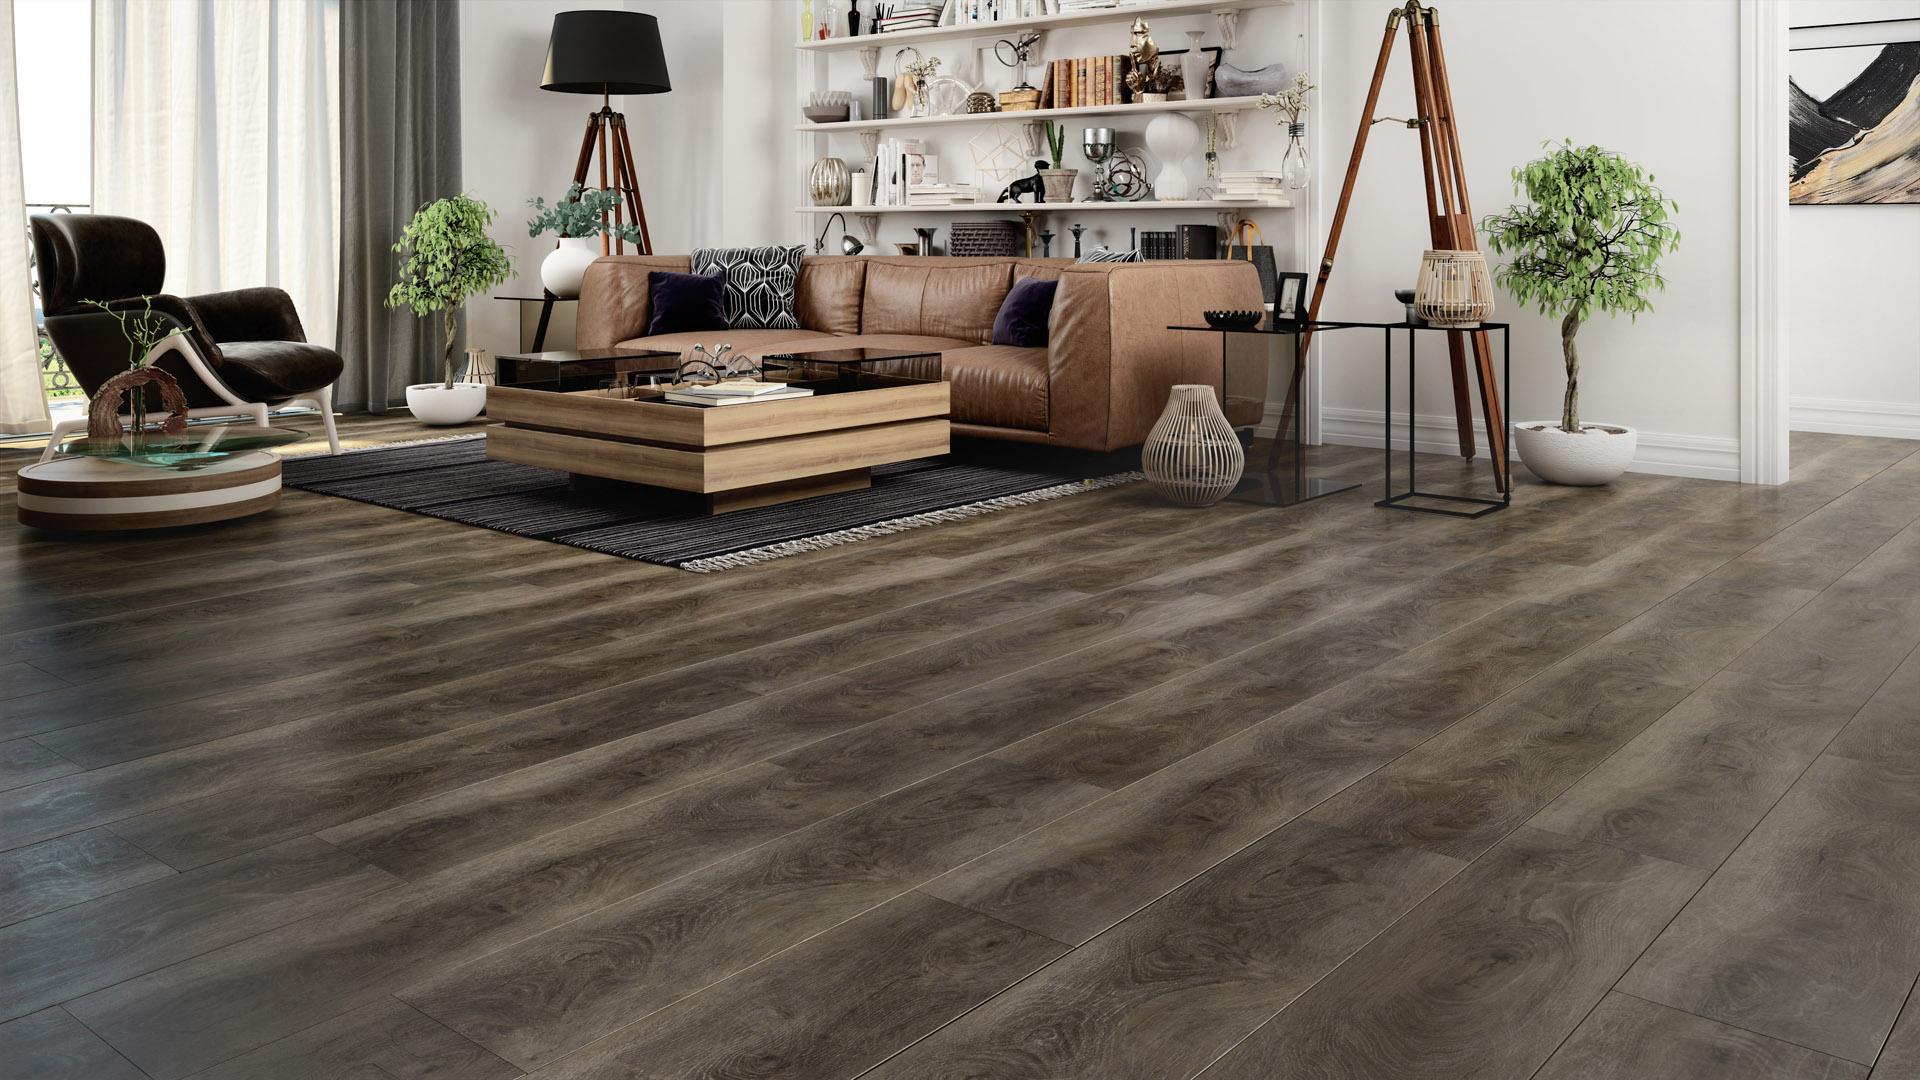 Wooden-floors-kub-studio-example-in-3D-2